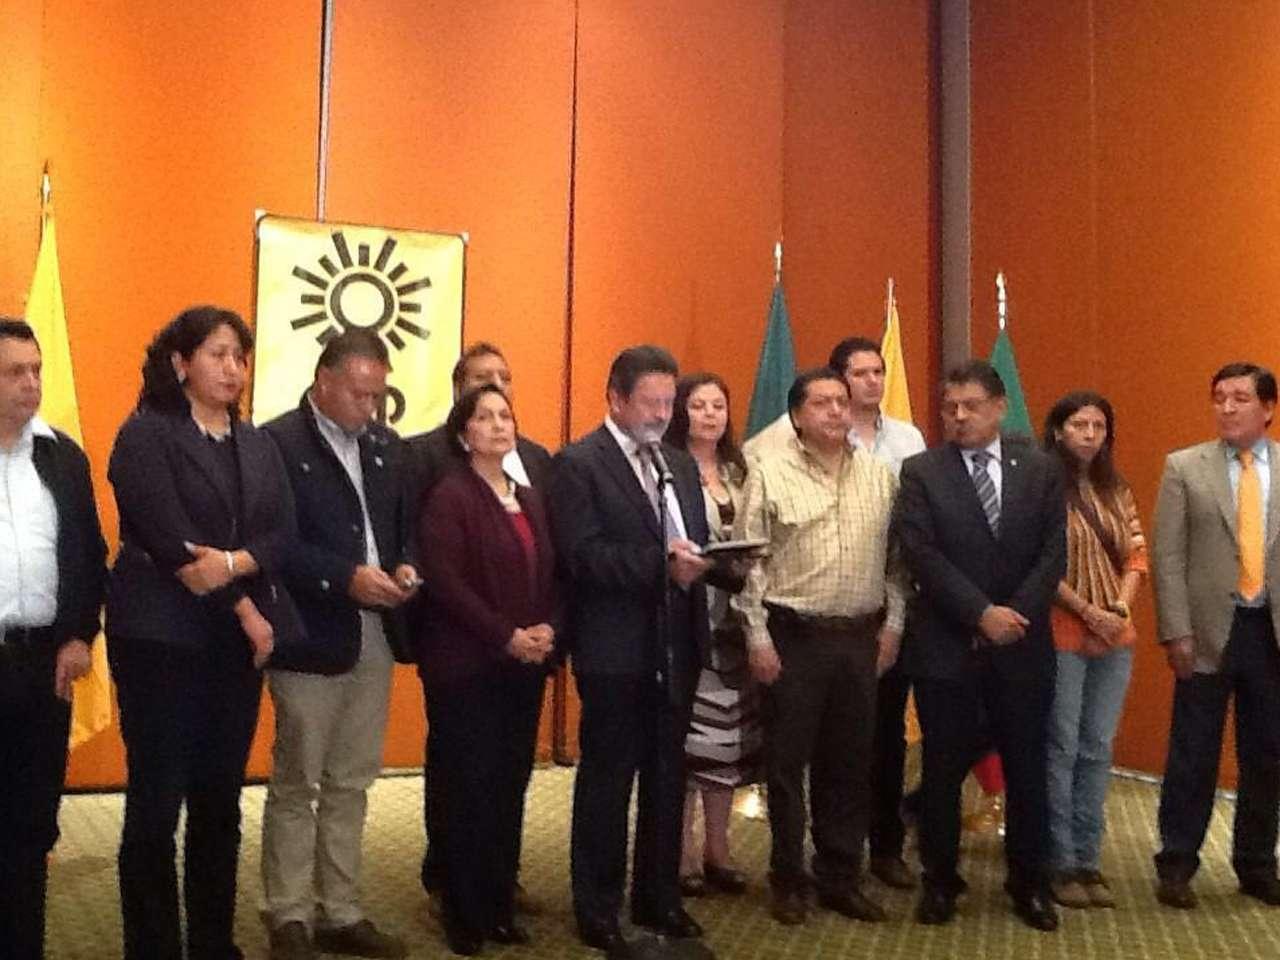 El Partido de la Revolución Democrática (PRD), aprobó que Ángel Aguirre pidiera licencia al cargo de Gobernador para coadyuvar con la búsqueda de los 43 normalistas de Ayotzinapa desaparecidos desde el 26 de septiembre en Iguala, Guerrero. Foto: @PRDmexico